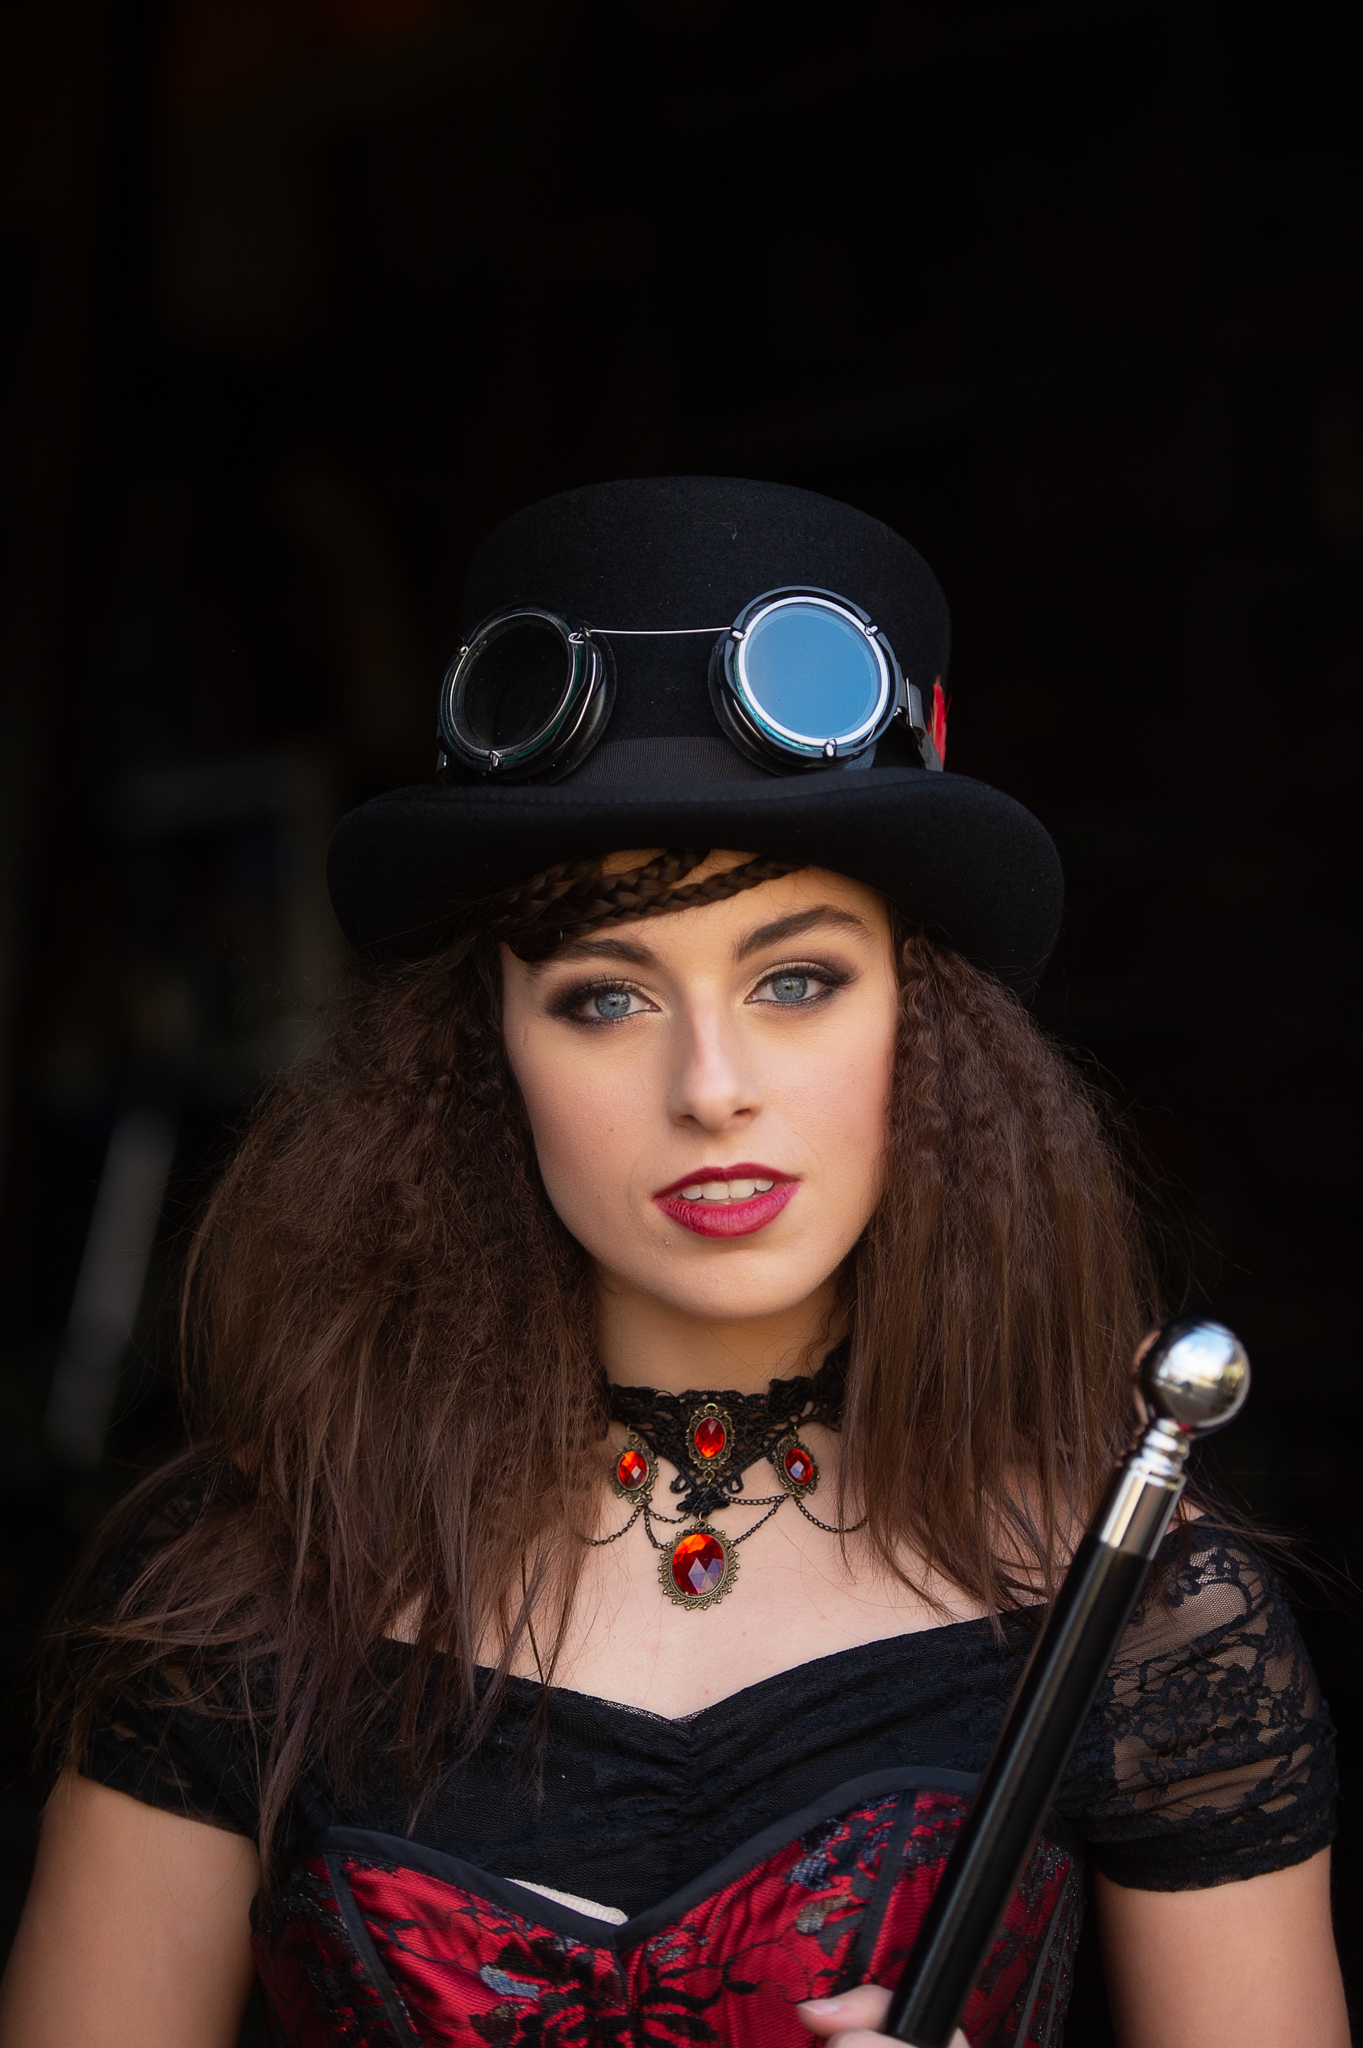 Steampunk gallery serpentine fashion shoot